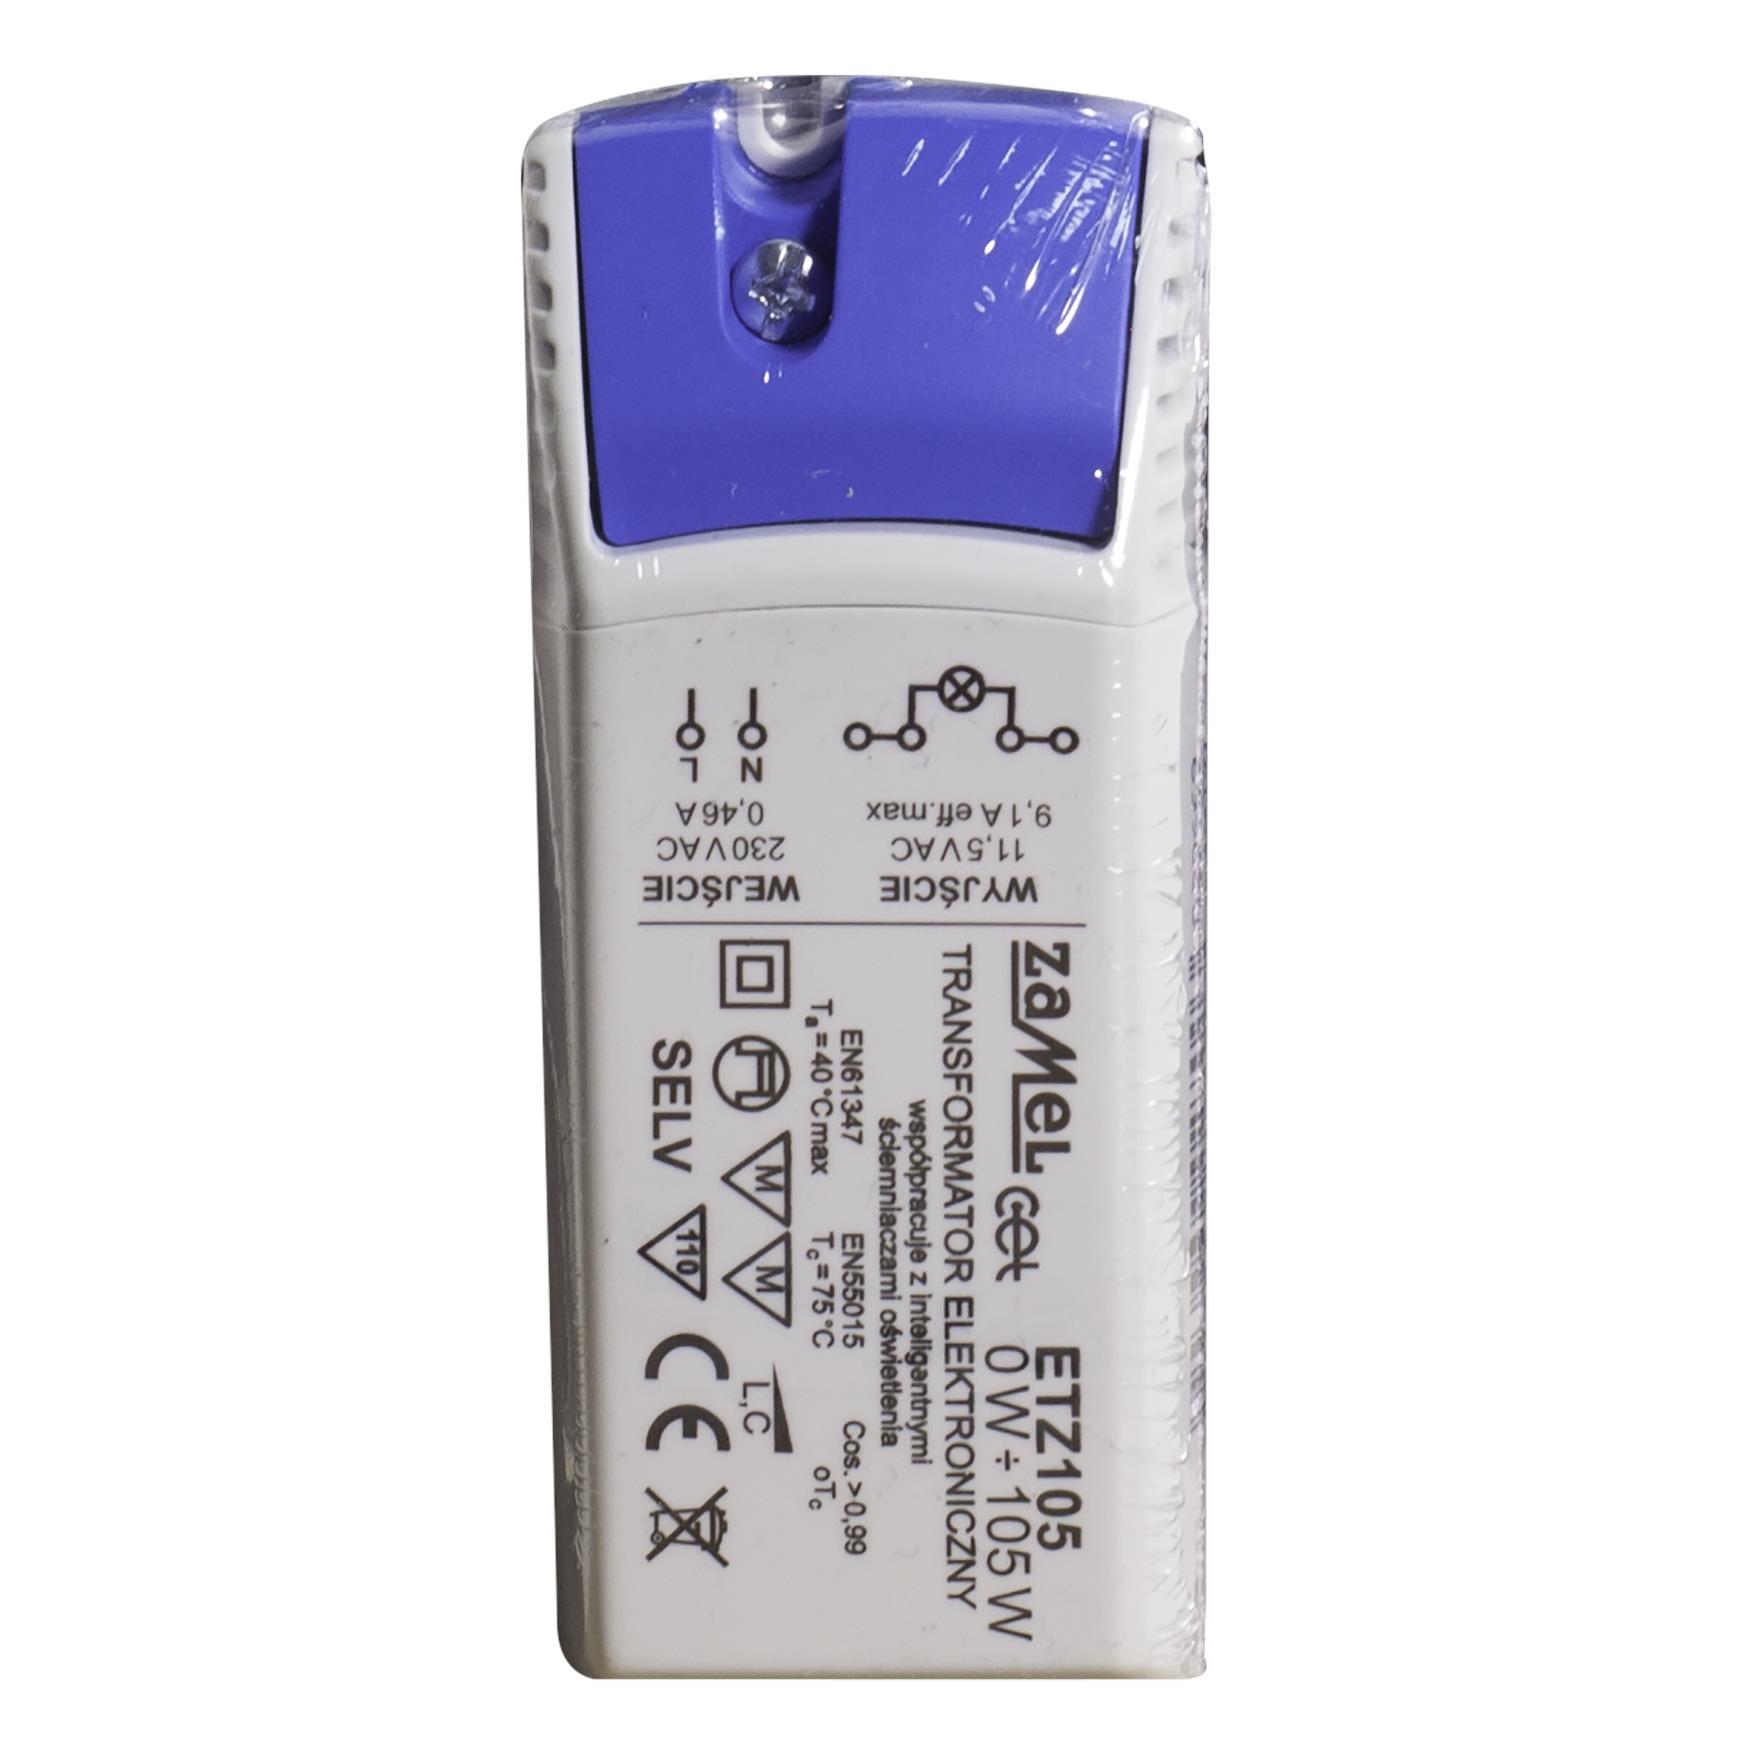 ETZ-105_Transformator_elektroniczny_5903669027003_05